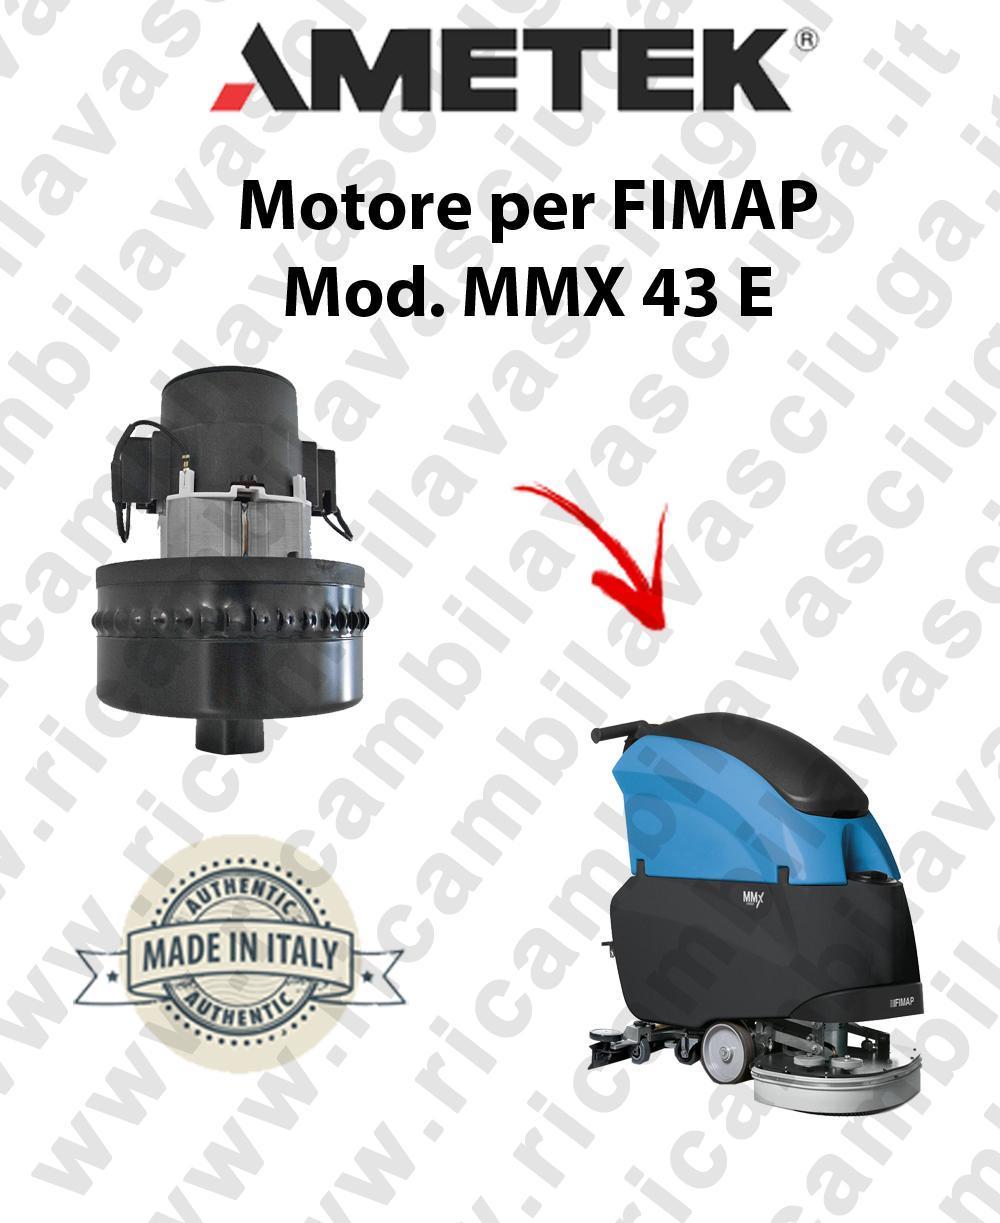 MMX 43 ünd Saugmotor AMETEK für scheuersaugmaschinen FIMAP